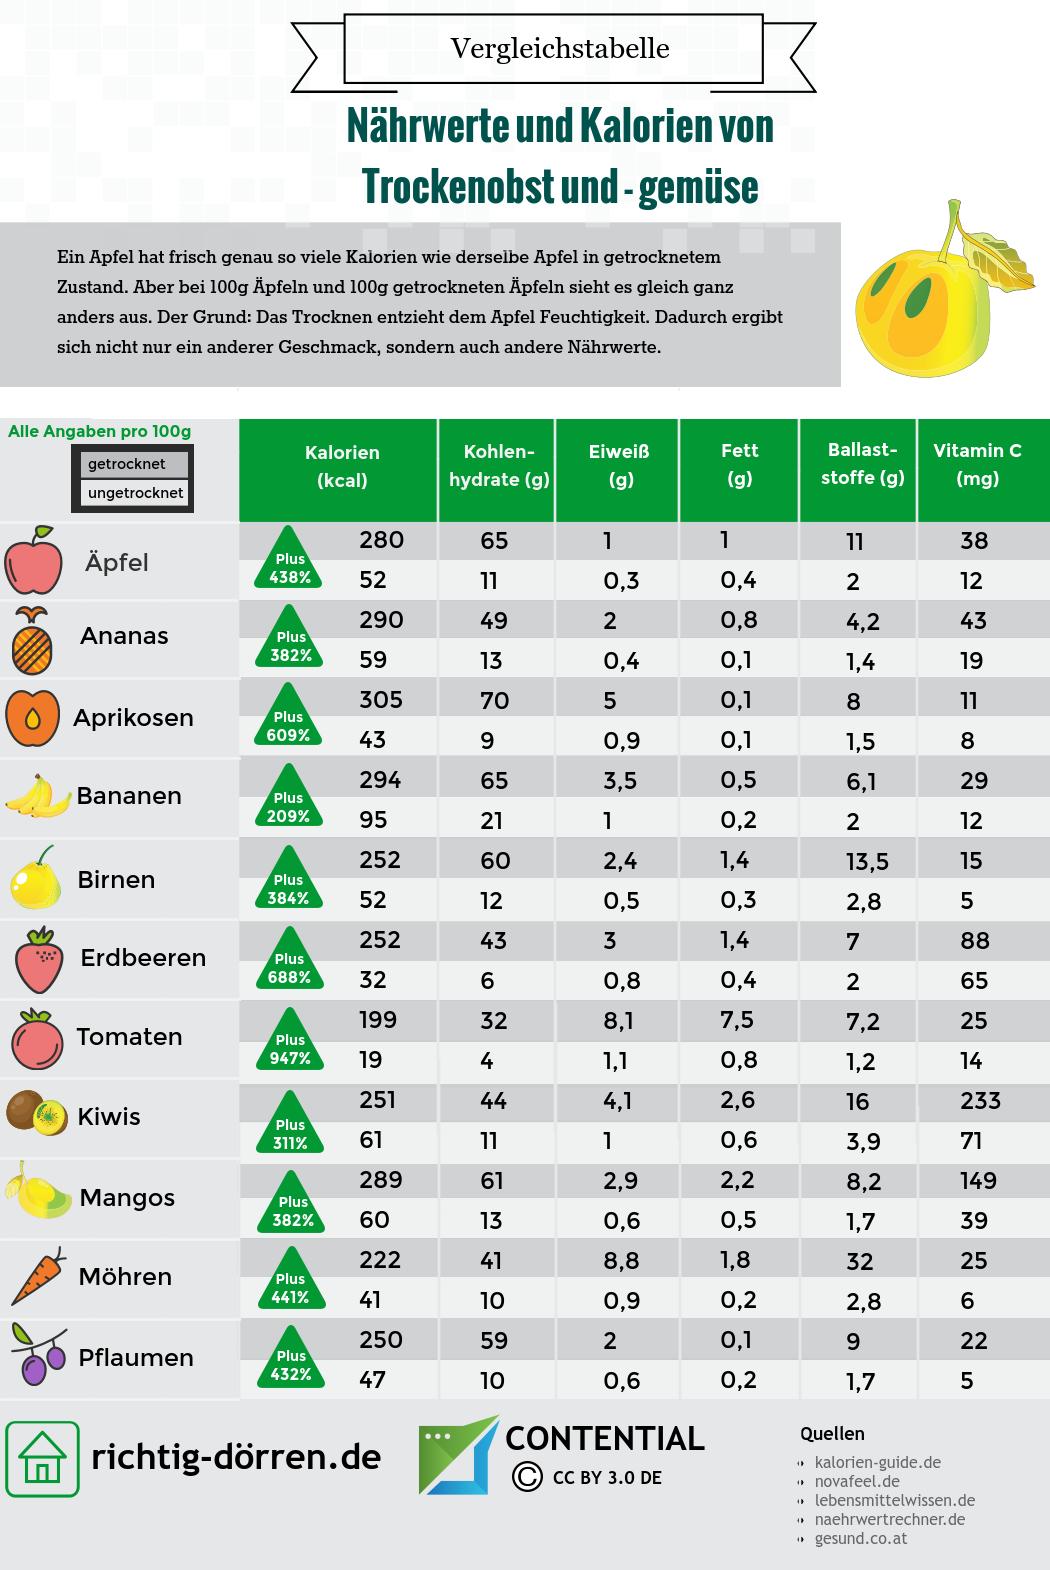 Kalorien von Trockenfrüchten und Trockenobst